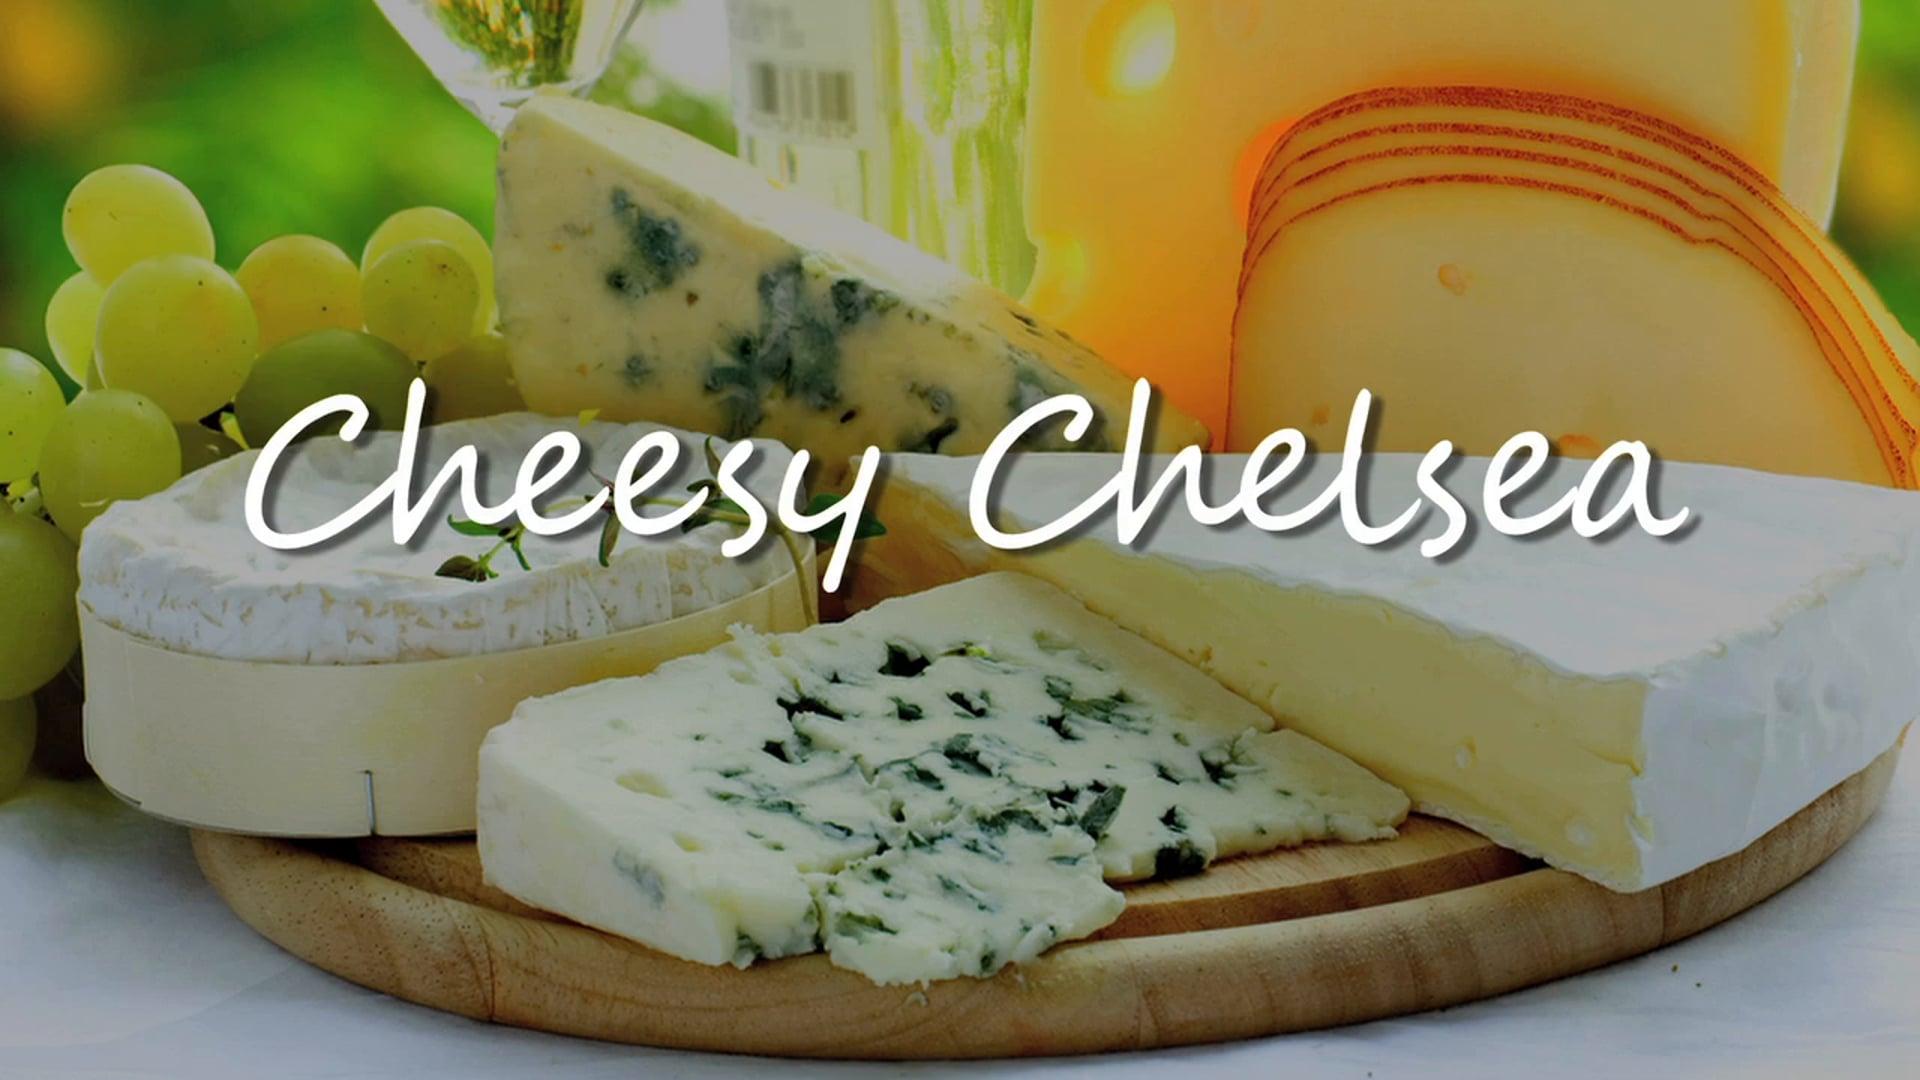 cheesy chelsea